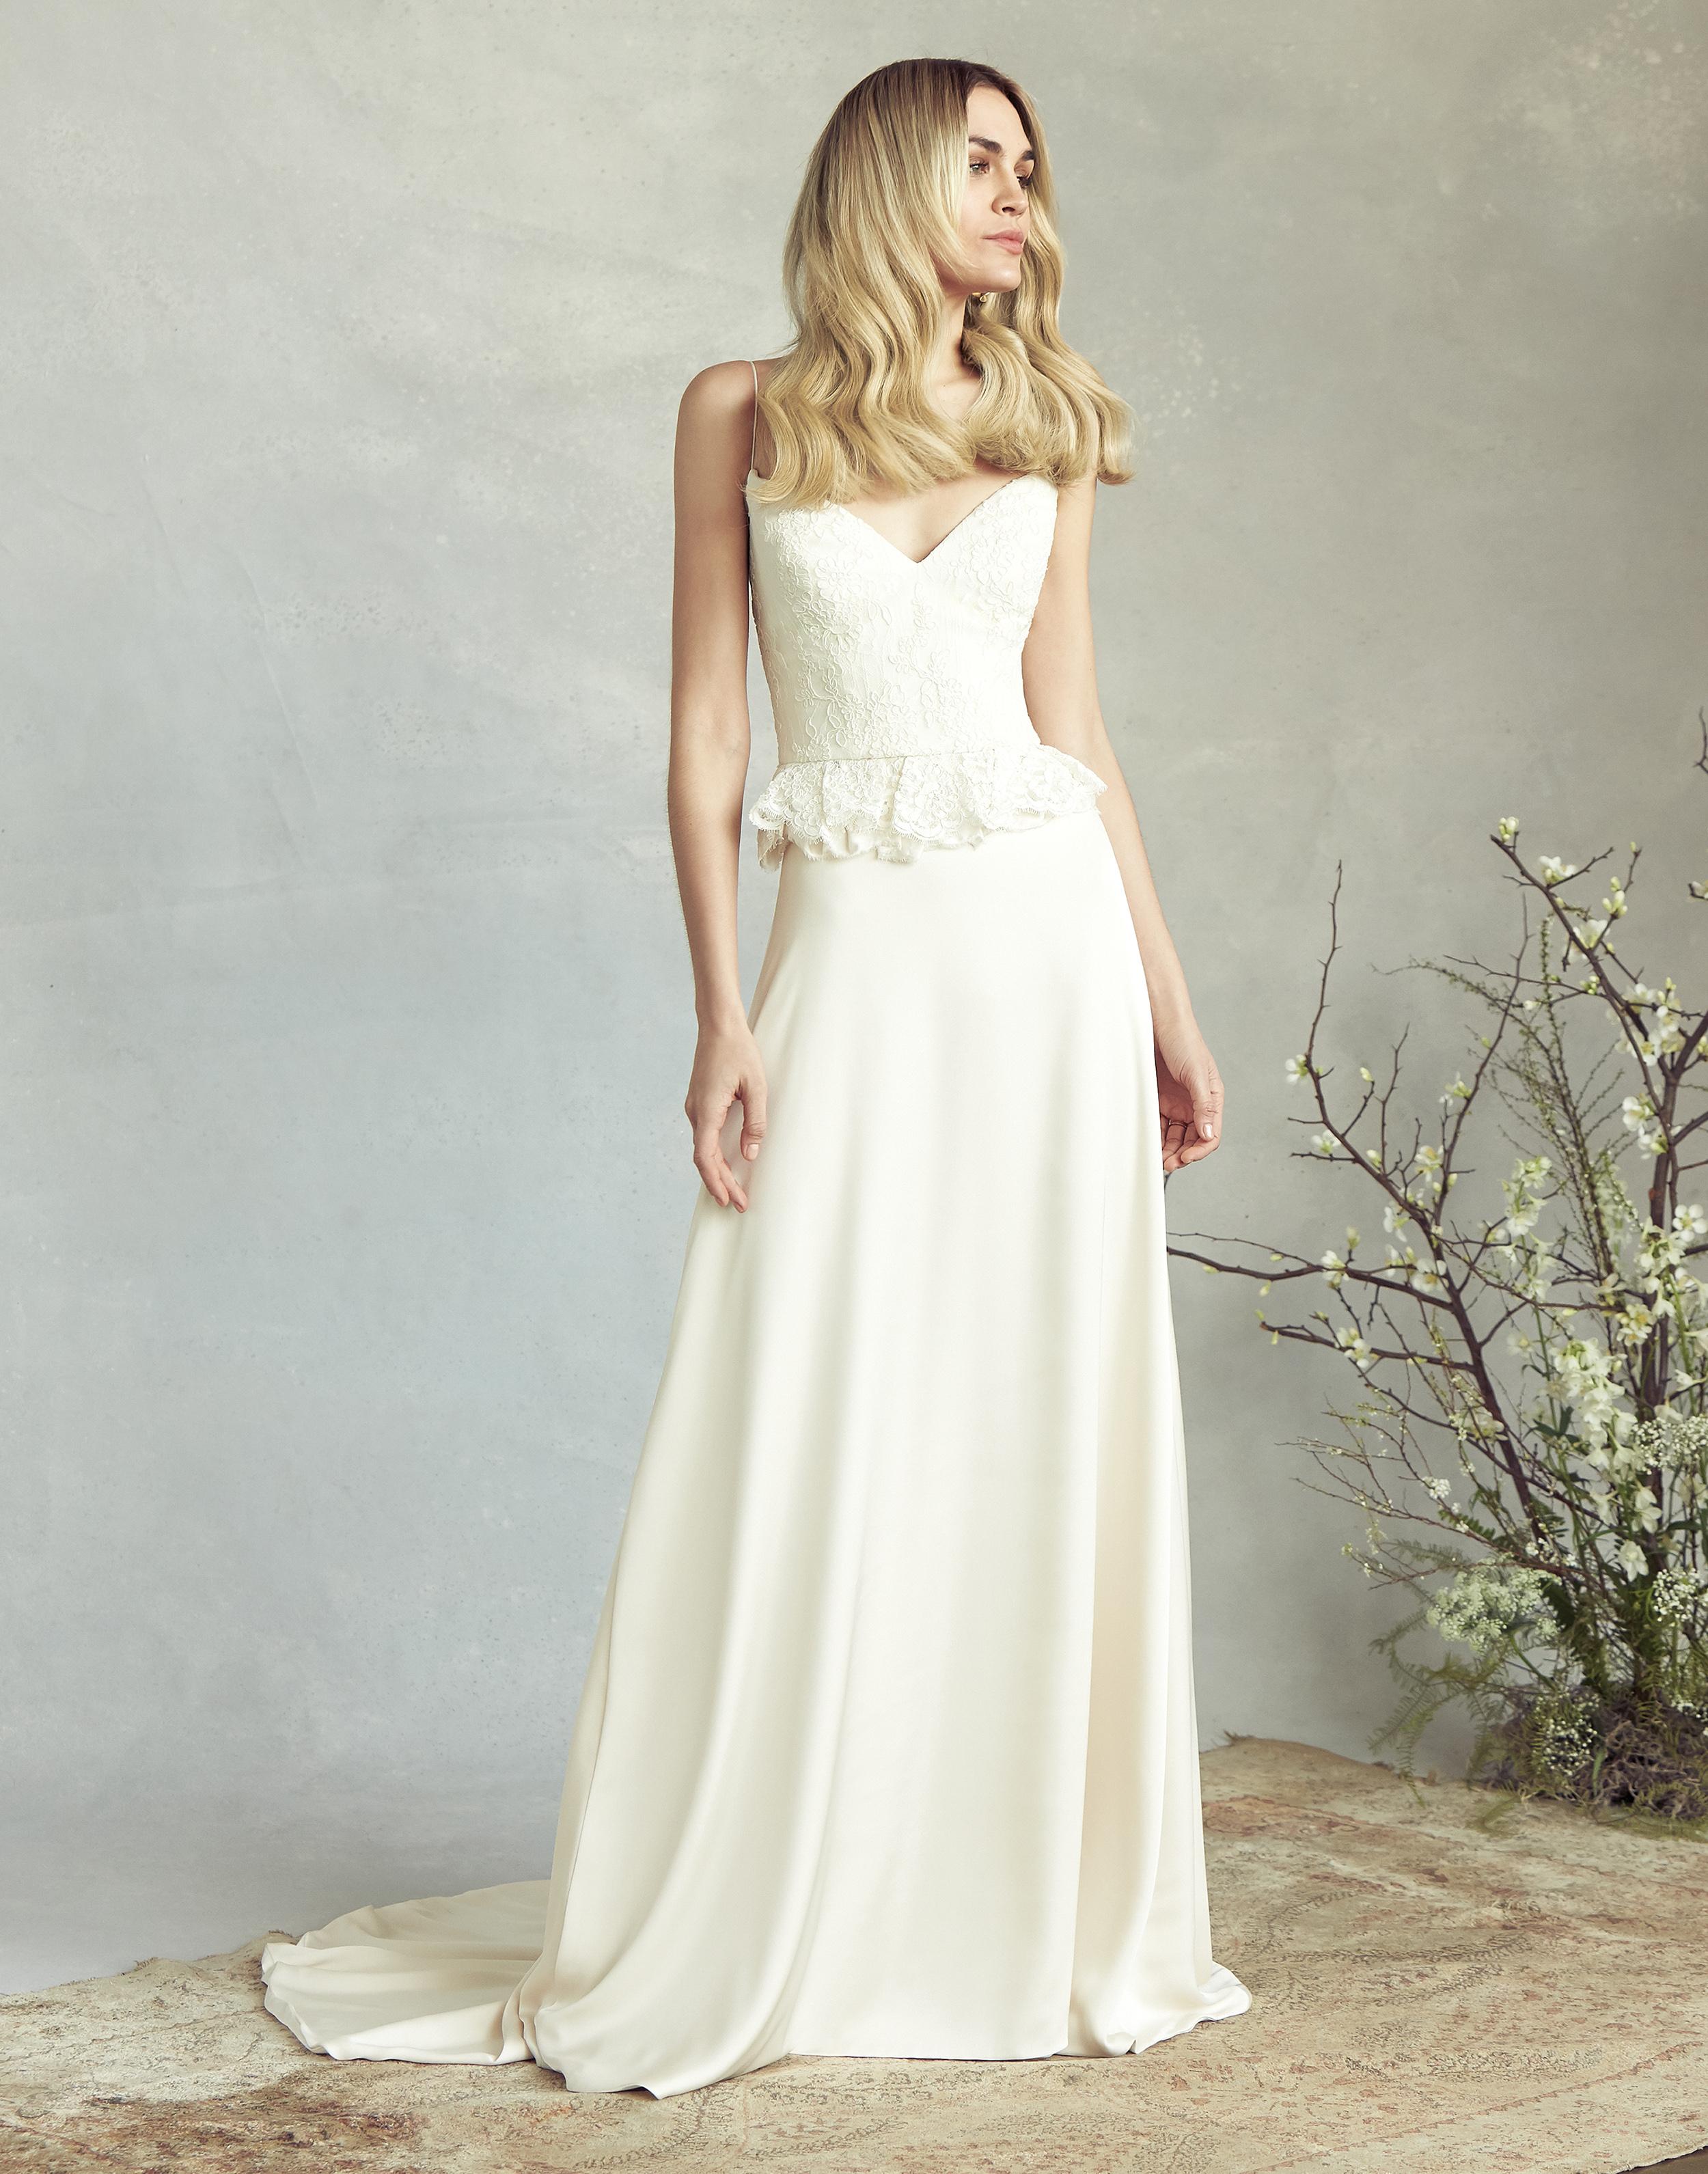 savannah miller embellished bodice a-line wedding dress spring 2020